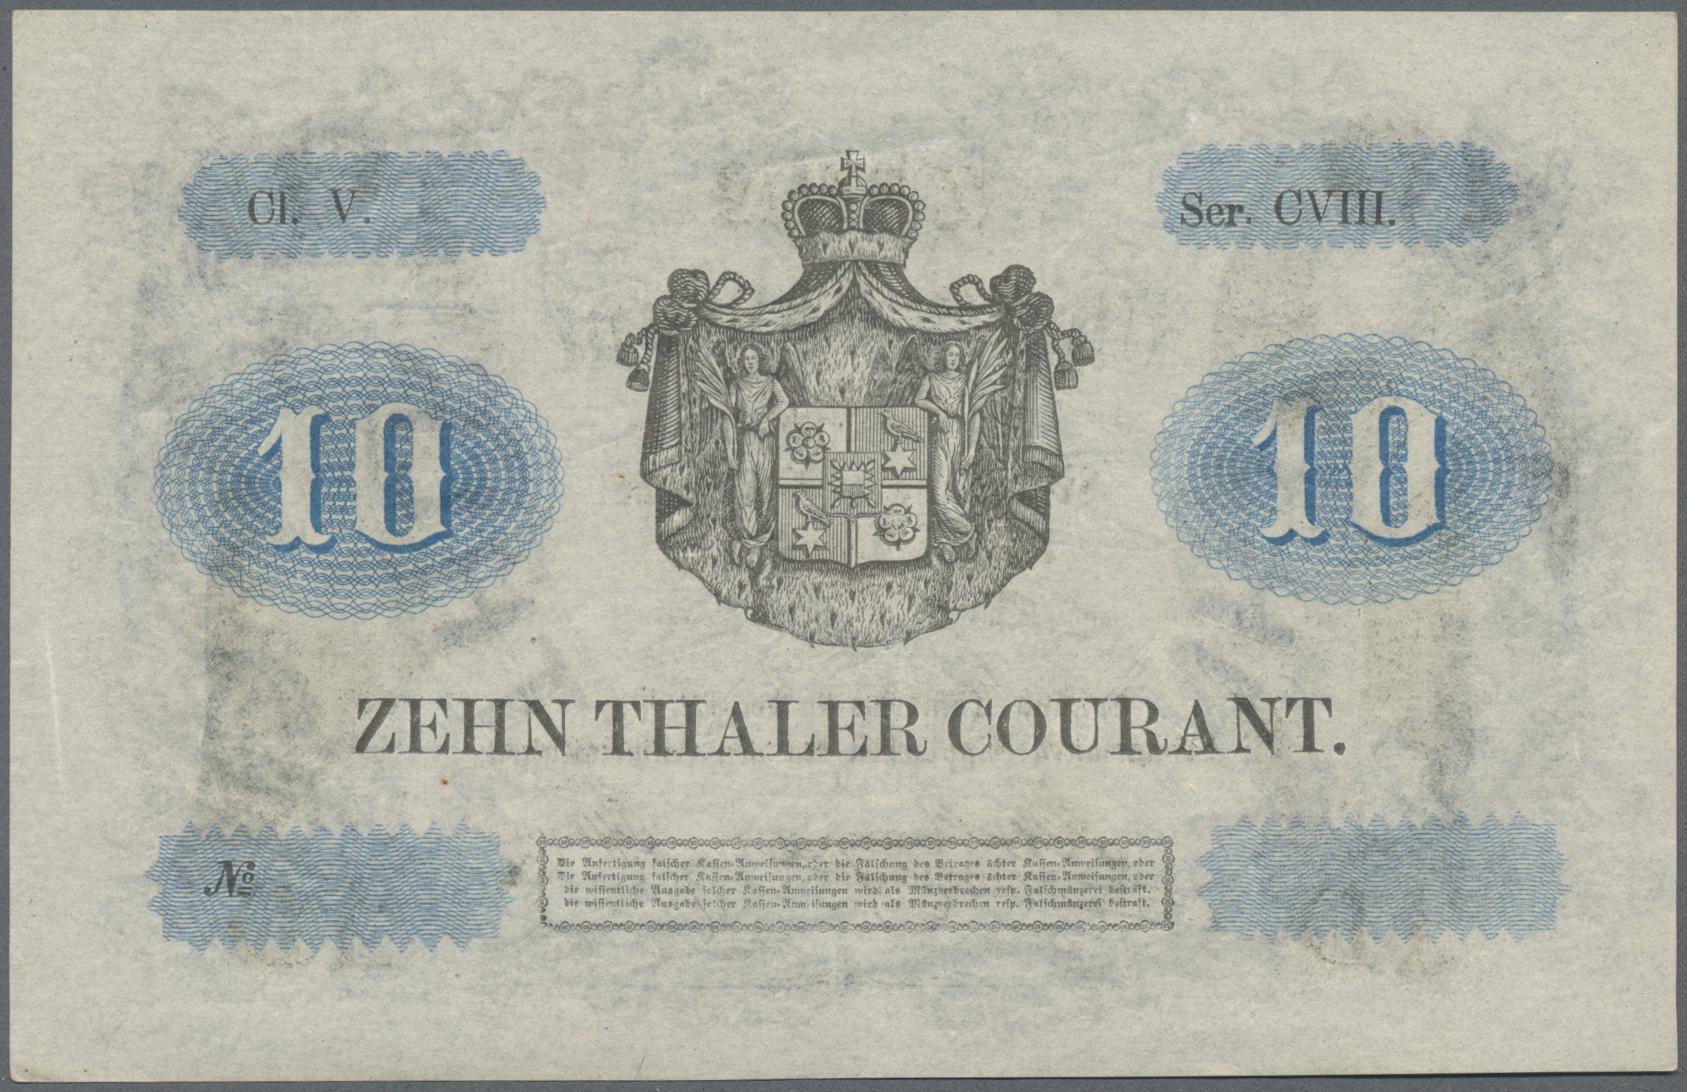 Lot 03309 - Deutschland - Altdeutsche Staaten | Banknoten  -  Auktionshaus Christoph Gärtner GmbH & Co. KG Sale #45 Banknotes Germany/Numismatics